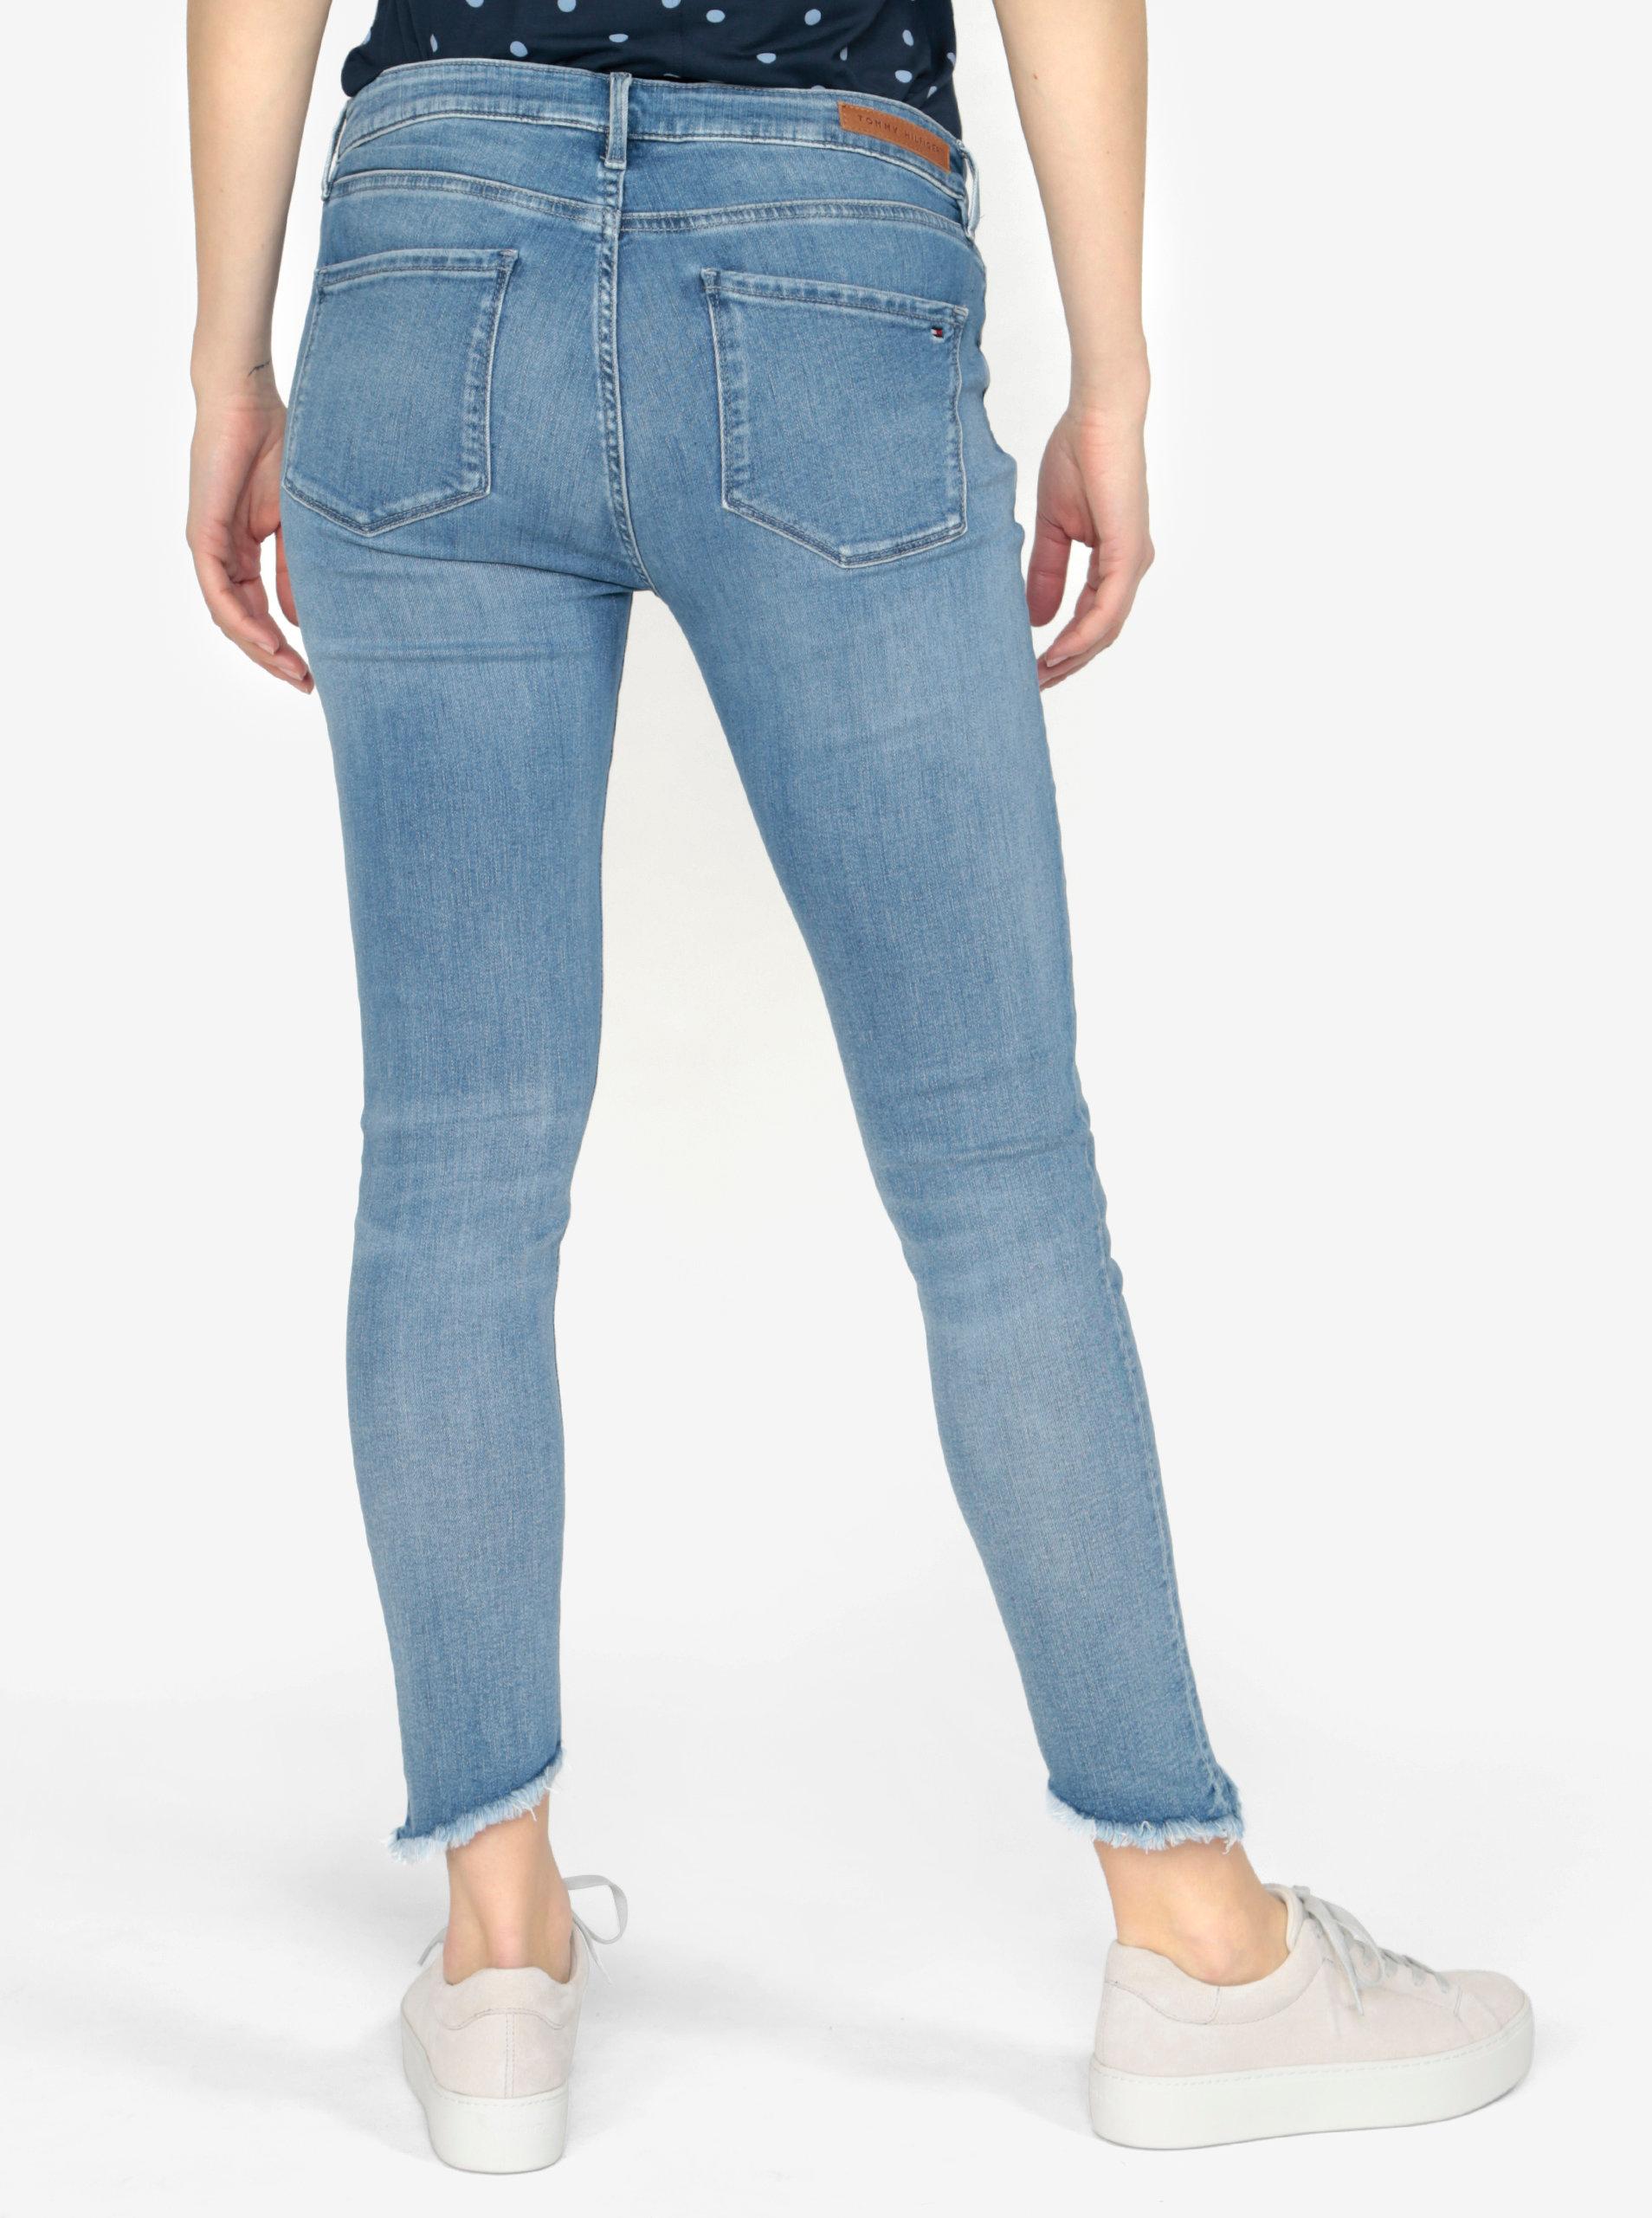 73ab9f24617 Světle modré dámské skinny džíny Tommy Hilfiger Nanny ...